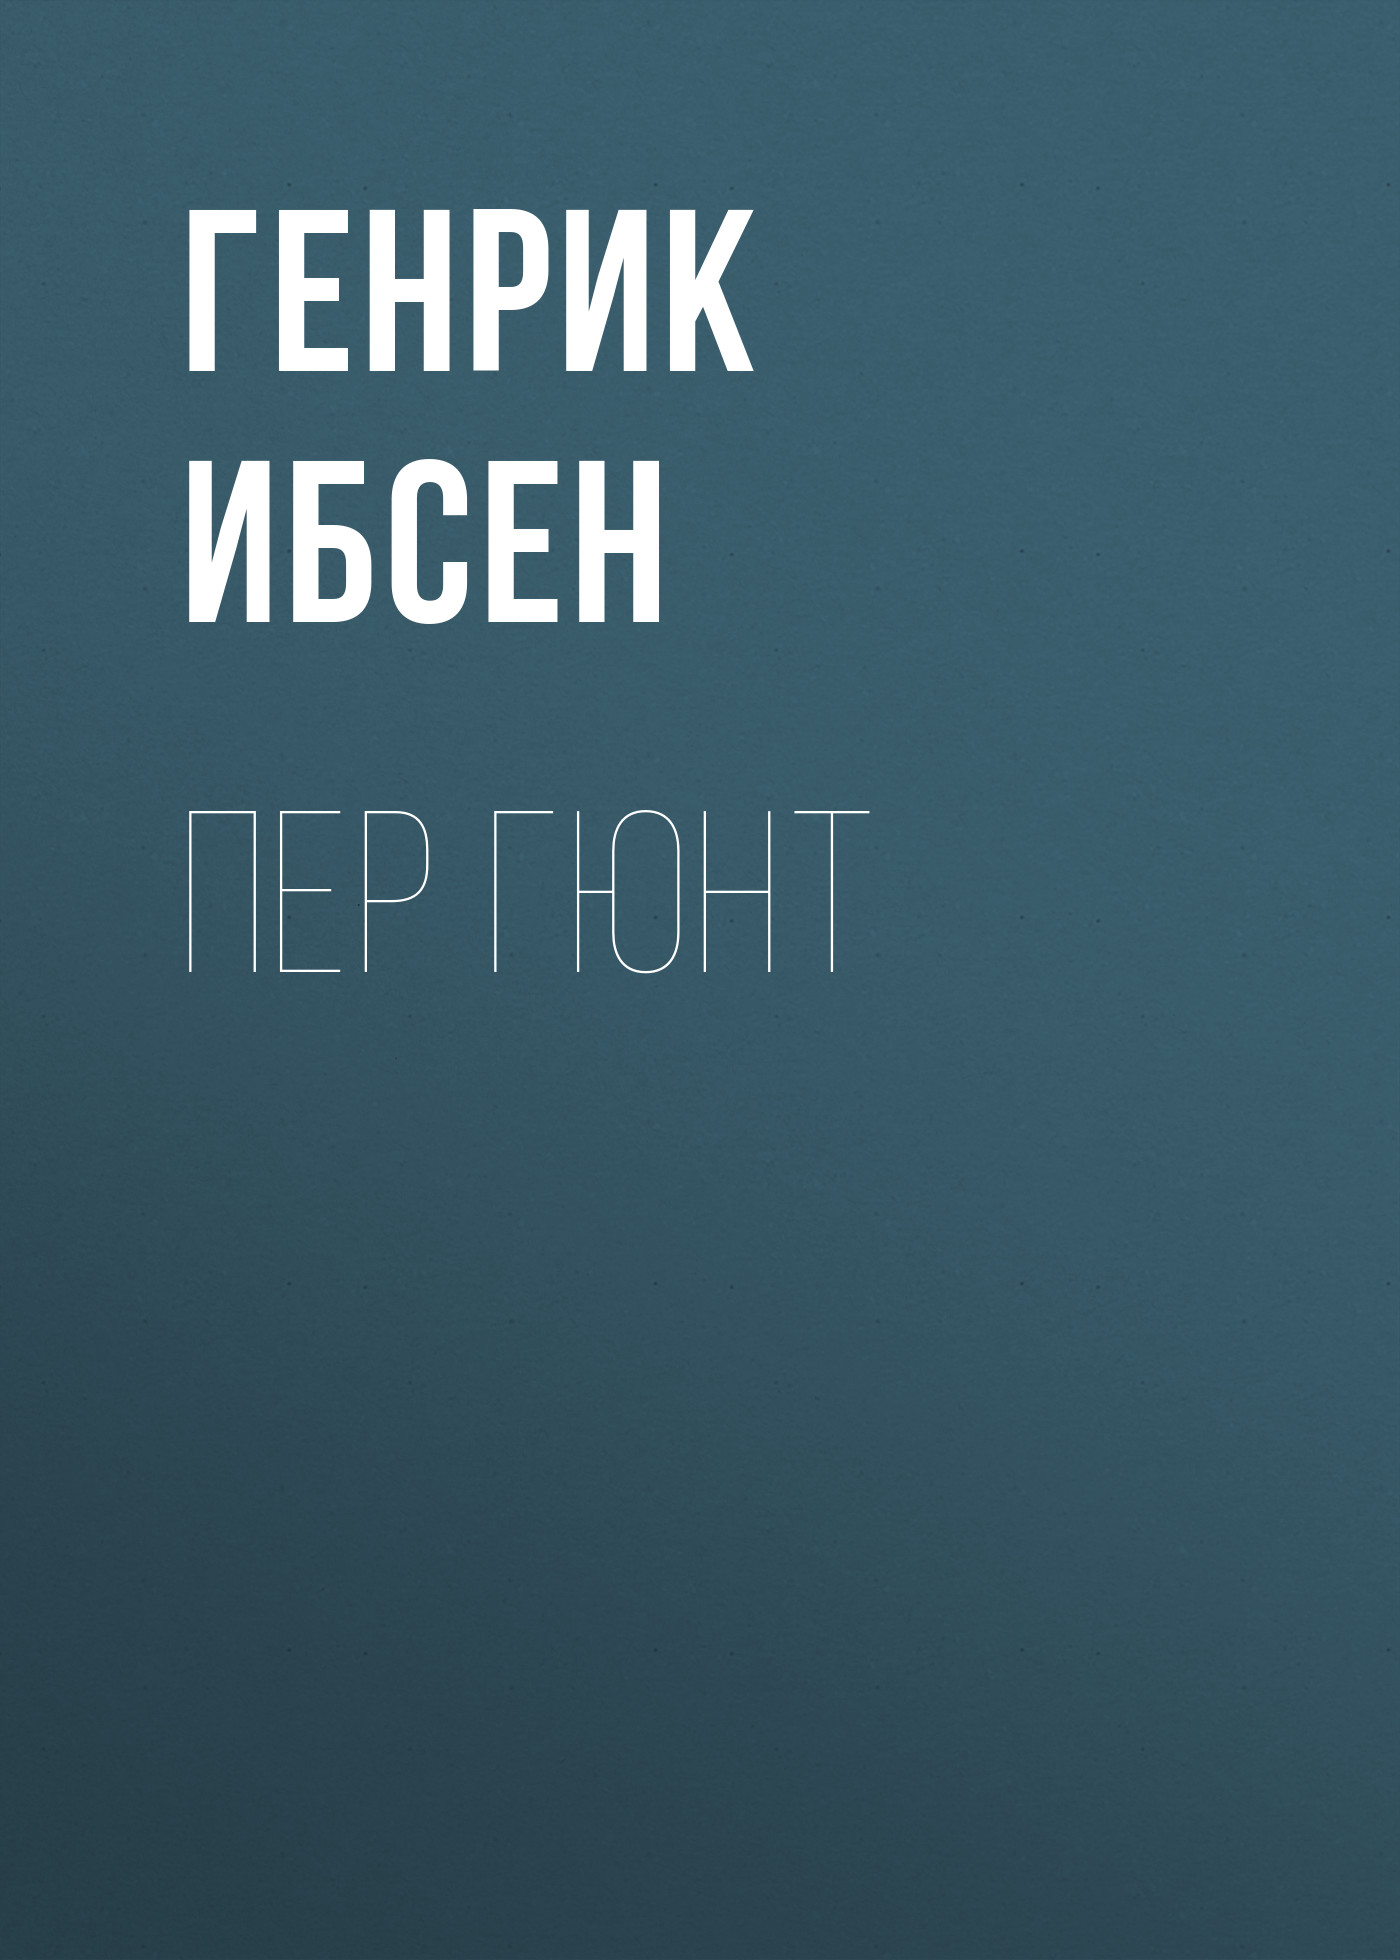 Купить книгу Пер Гюнт, автора Генрика Ибсена